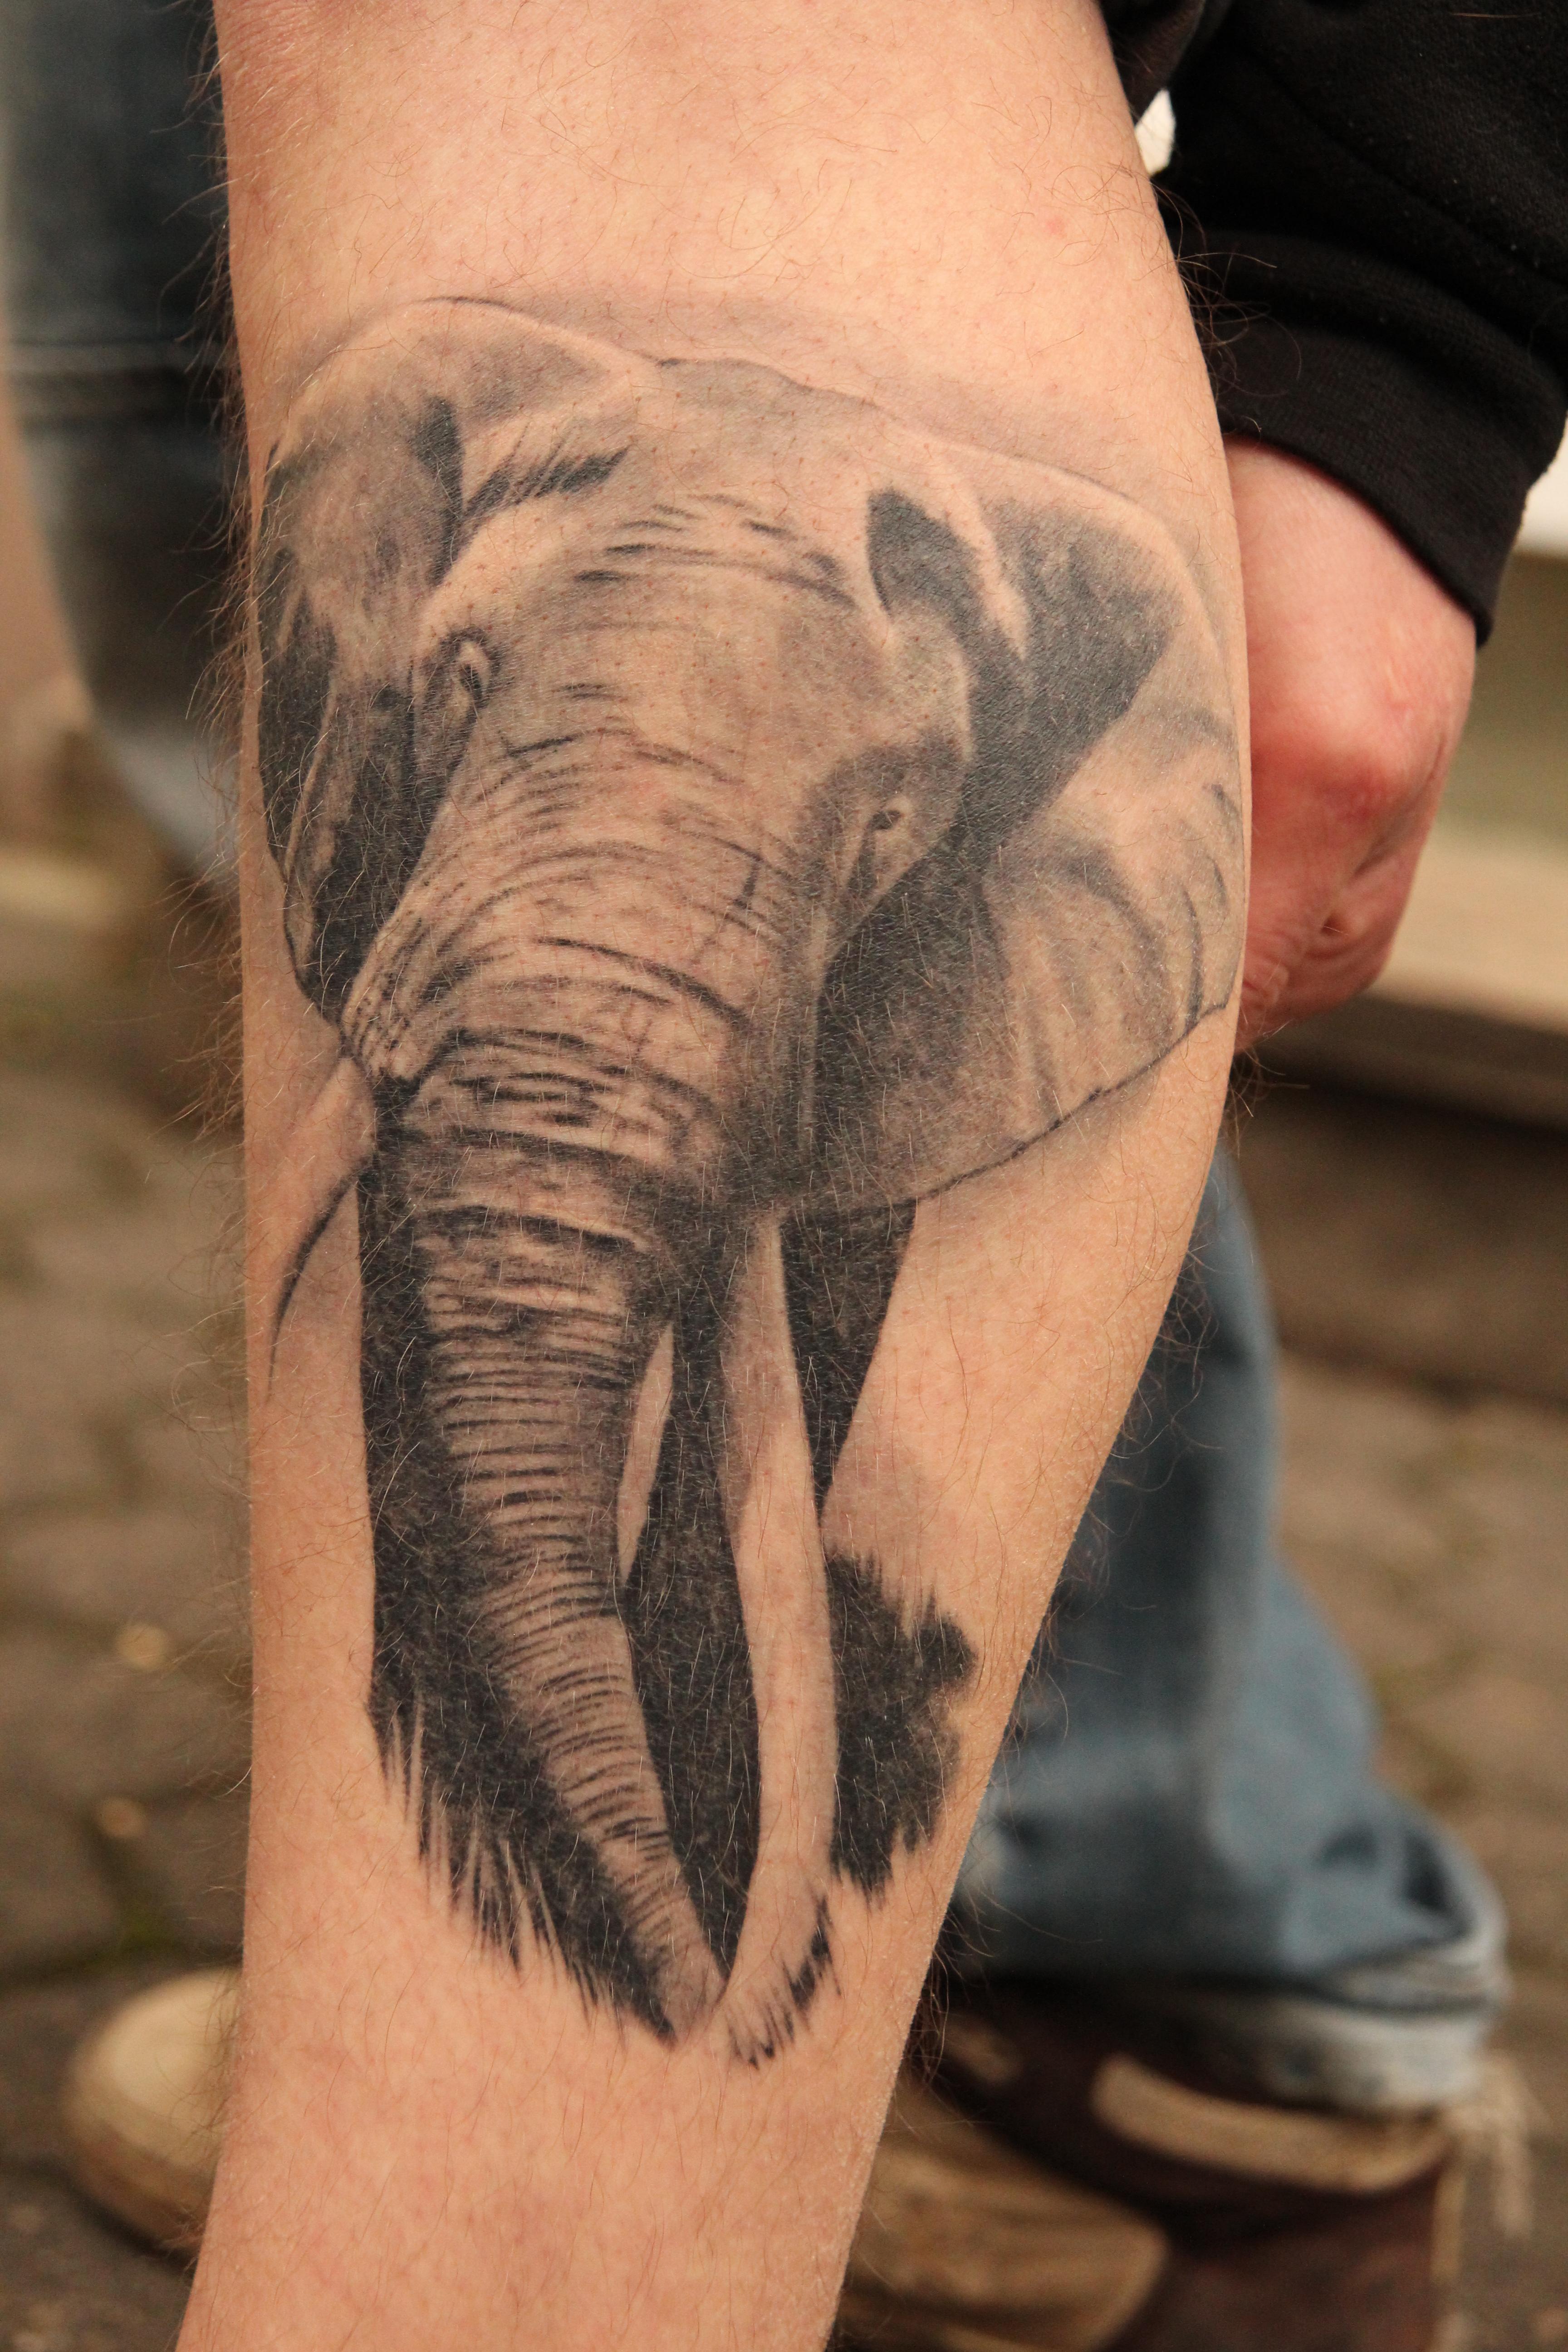 Rolf20 Mein Elefant abgeheilt   Tattoos von Tattoo Bewertung.de